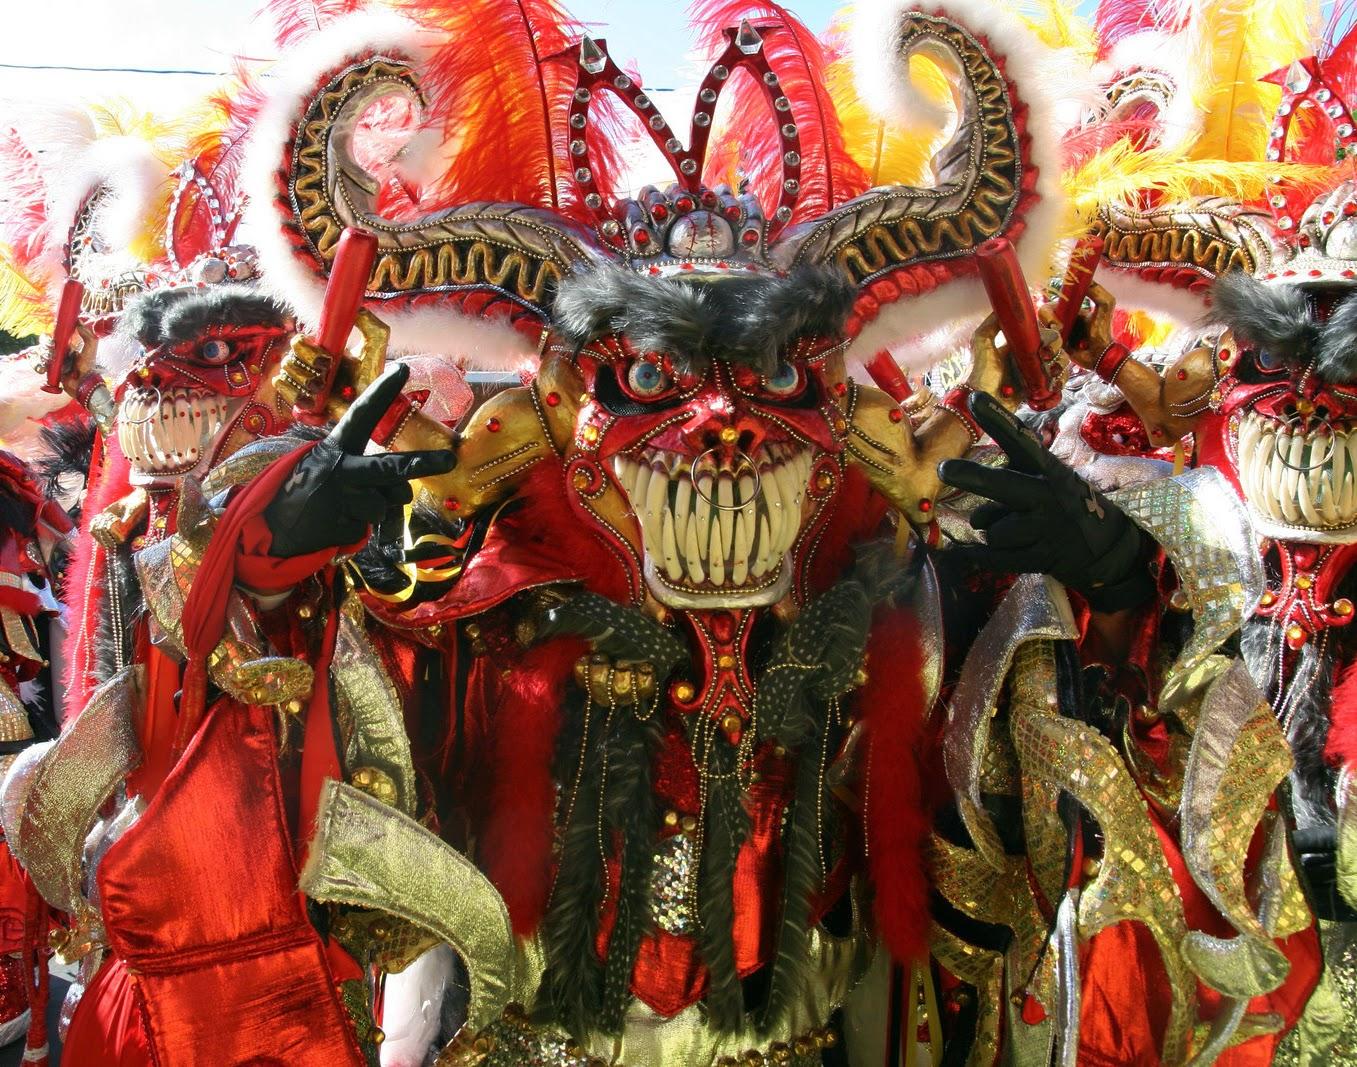 Il costume tipico del Diablo Cojuelo della città di La Vega, nella Repubblica Dominicana